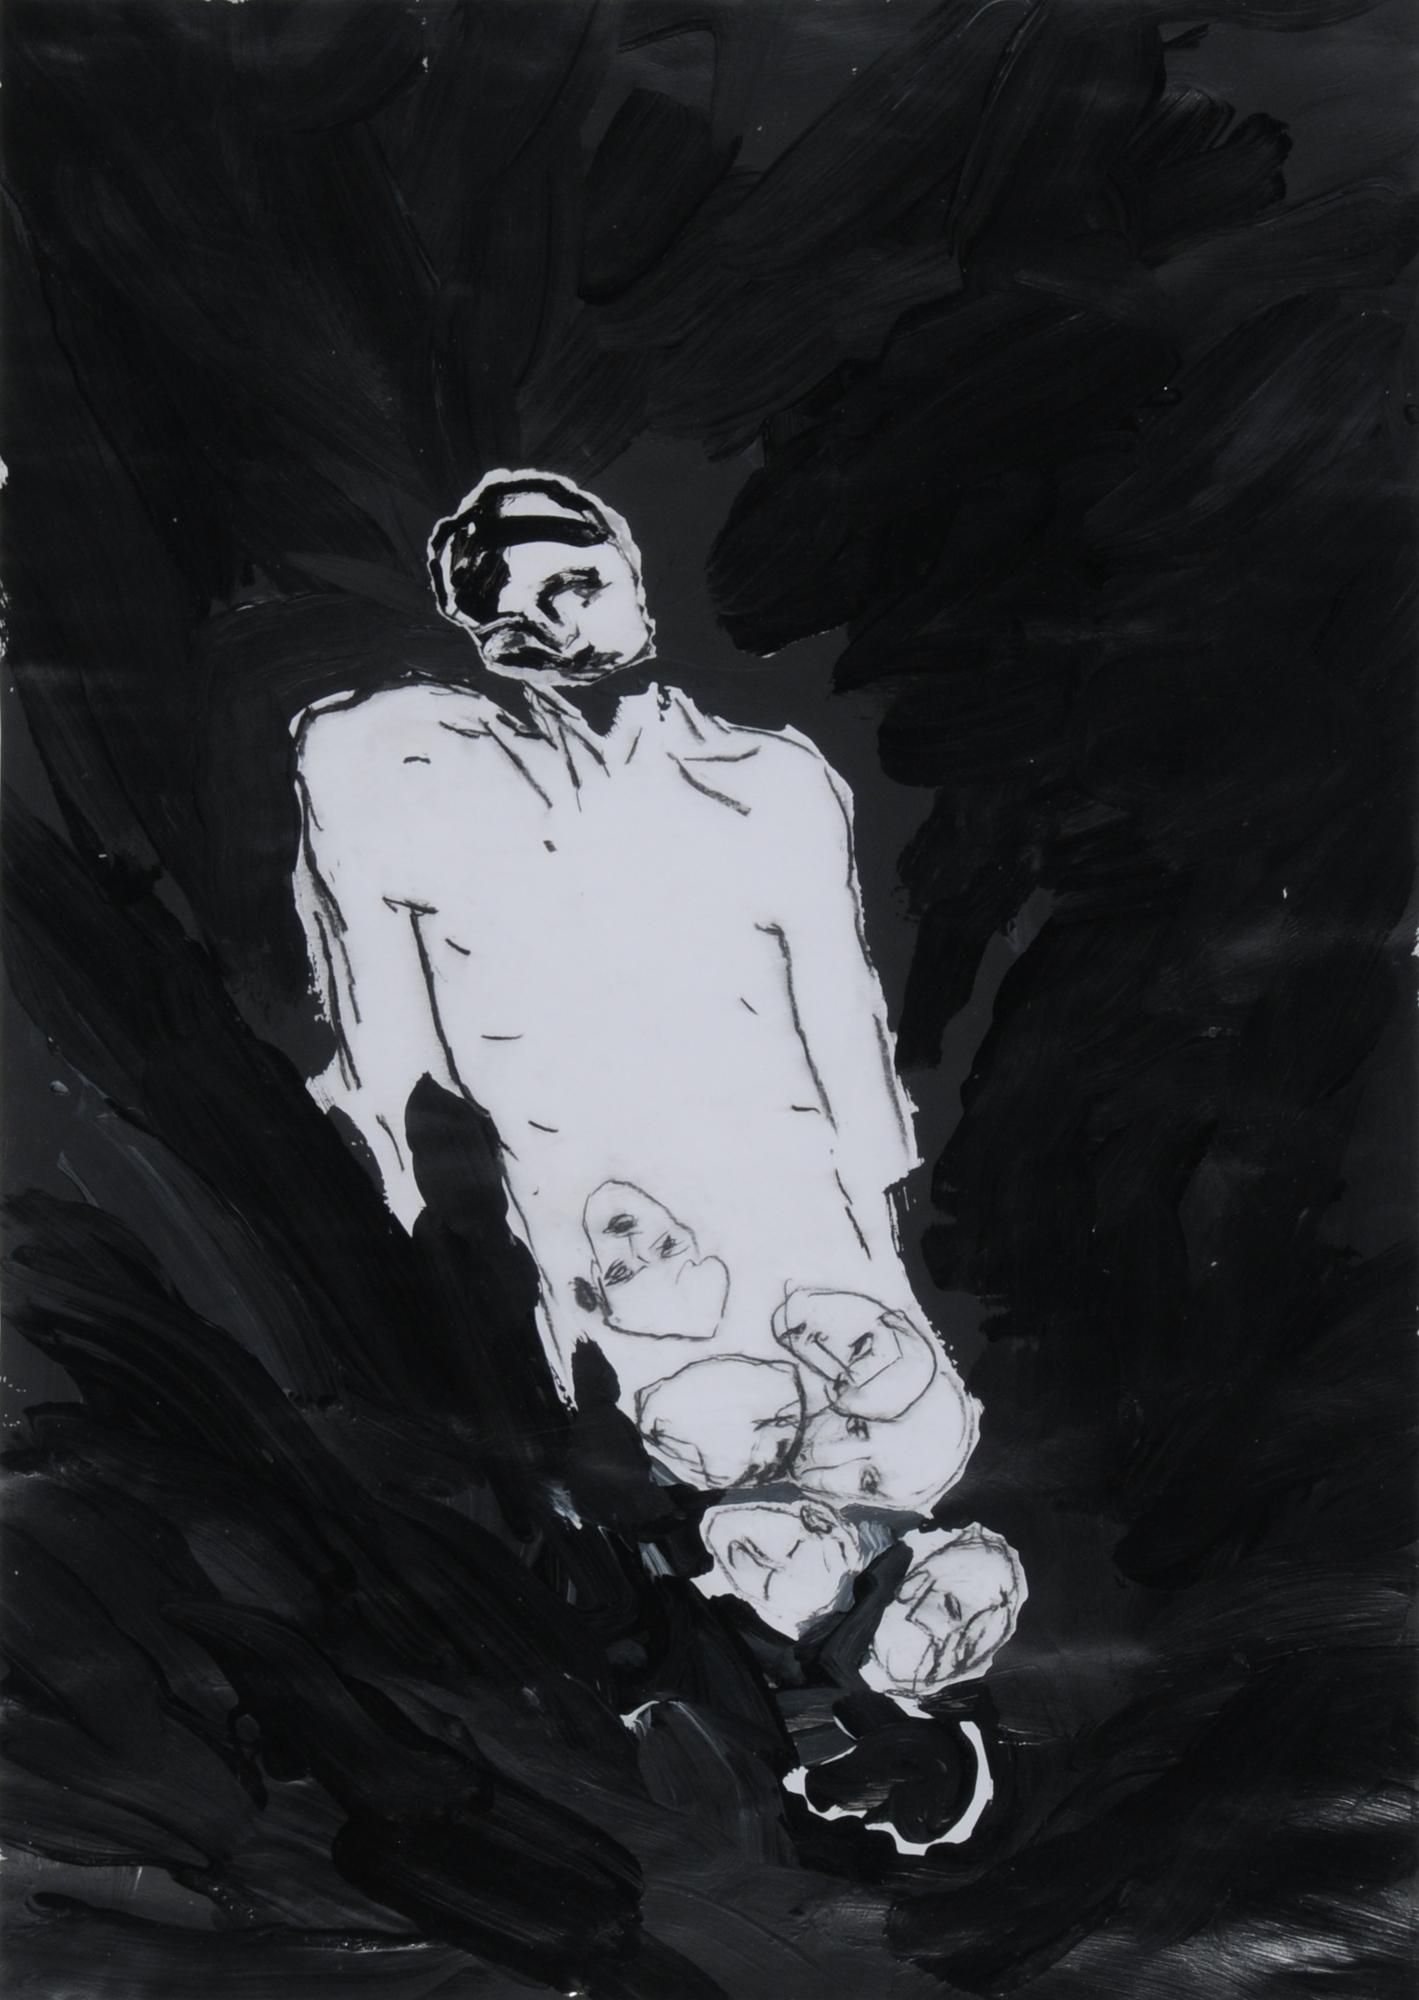 Tannert Volker, Untitled